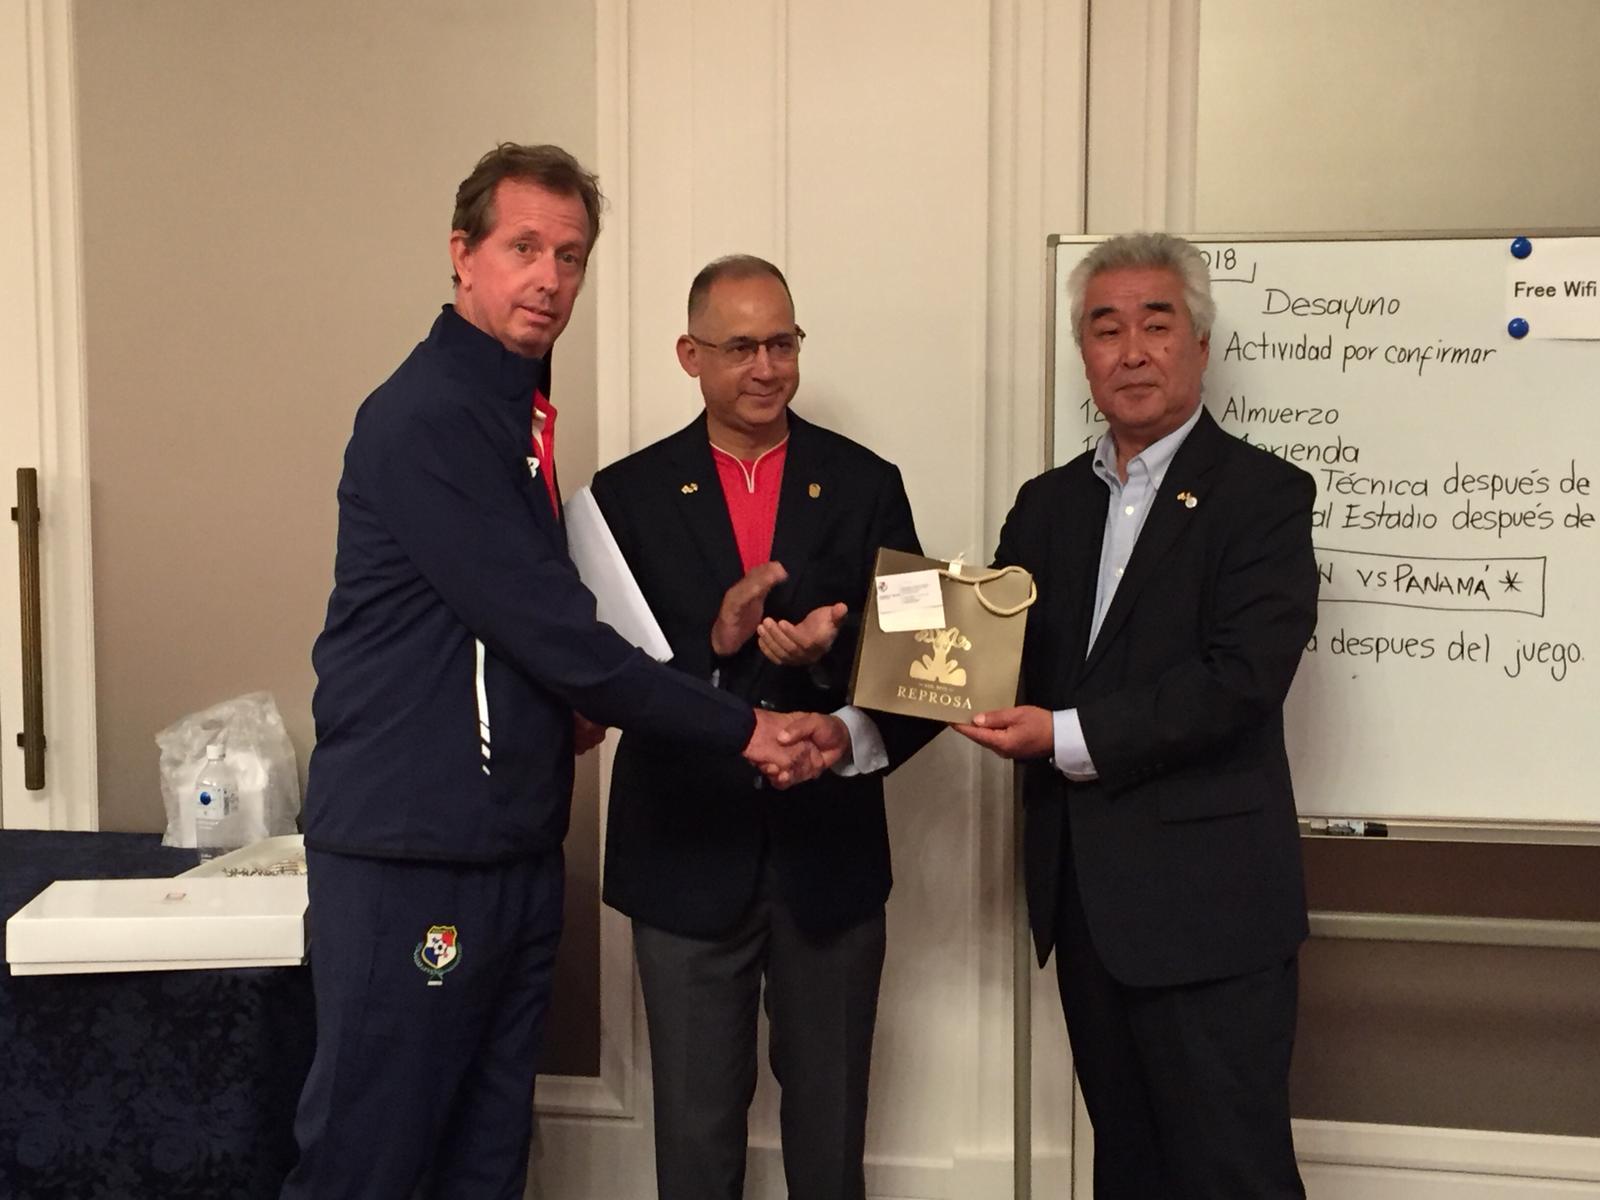 左からゲリー・ステンペル技術監督、大使ディアス、今治市安井氏、パナマチームよりギフト贈呈の様子